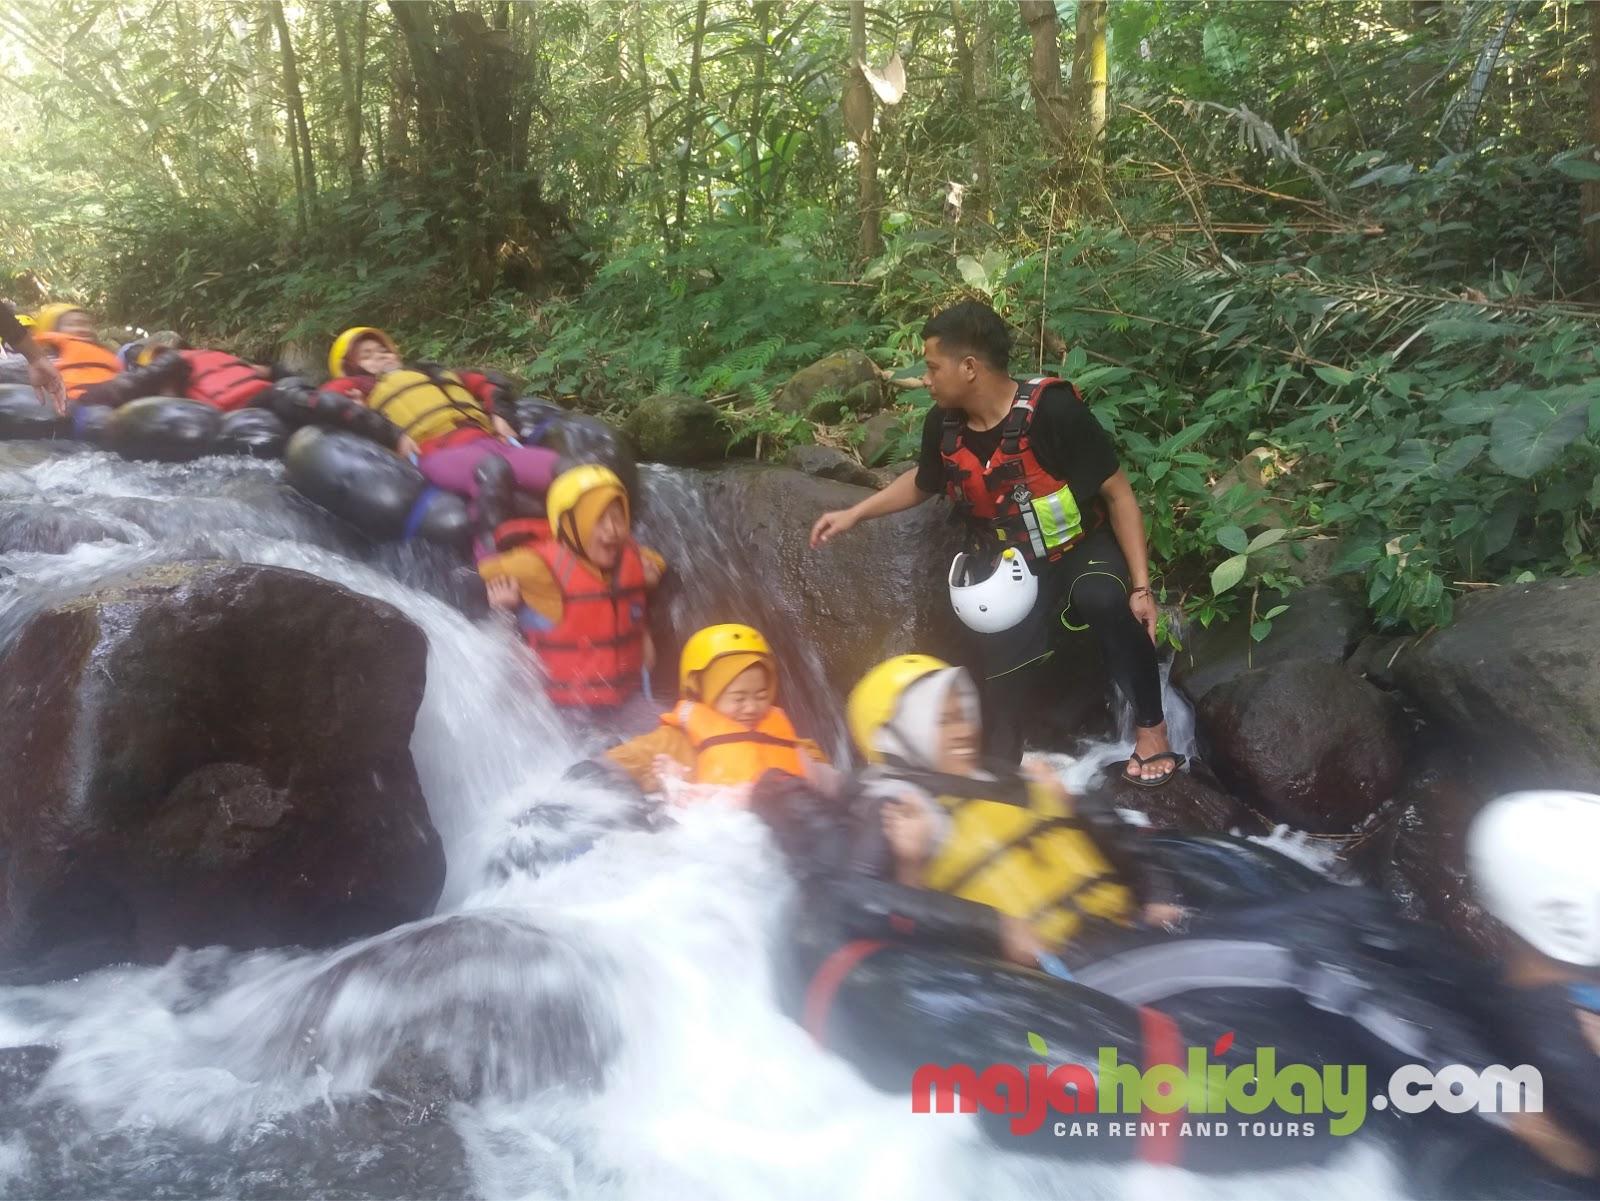 gambar cikadongdong river tubing kabupaten majalengka, jawa barat